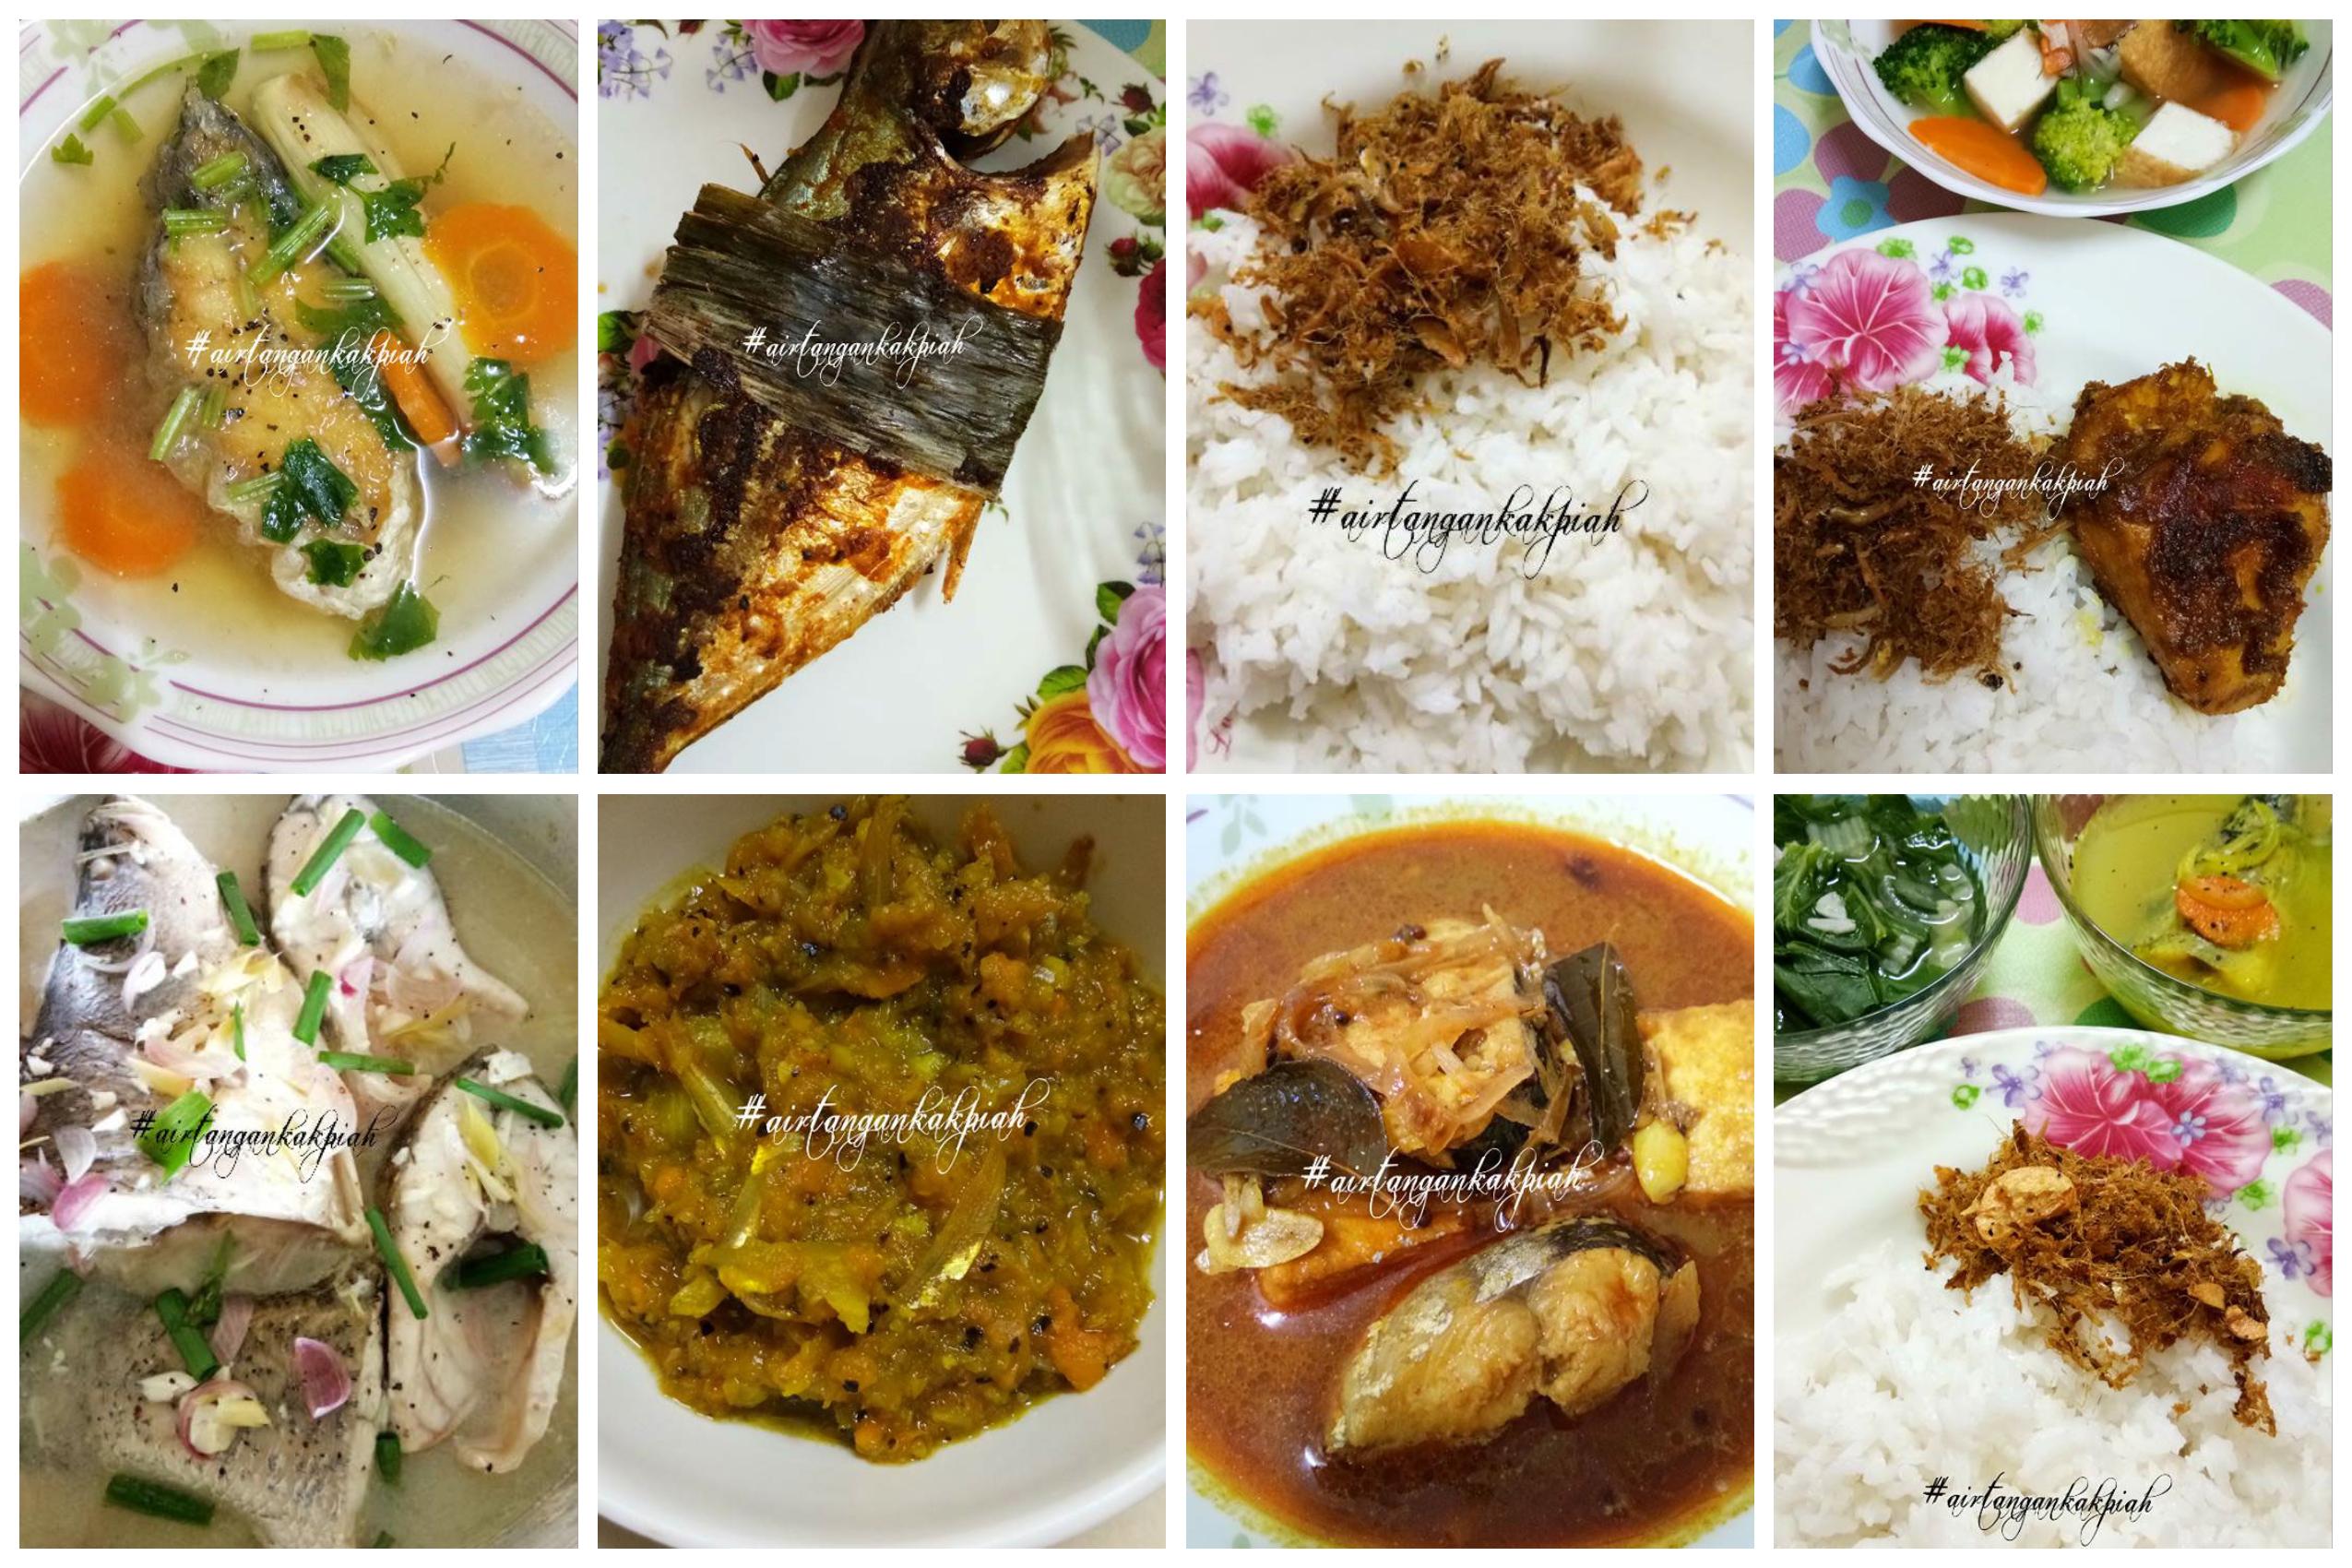 Gambar 10 Resepi Menu Berpantang Yang Mudah Dimasak Dan